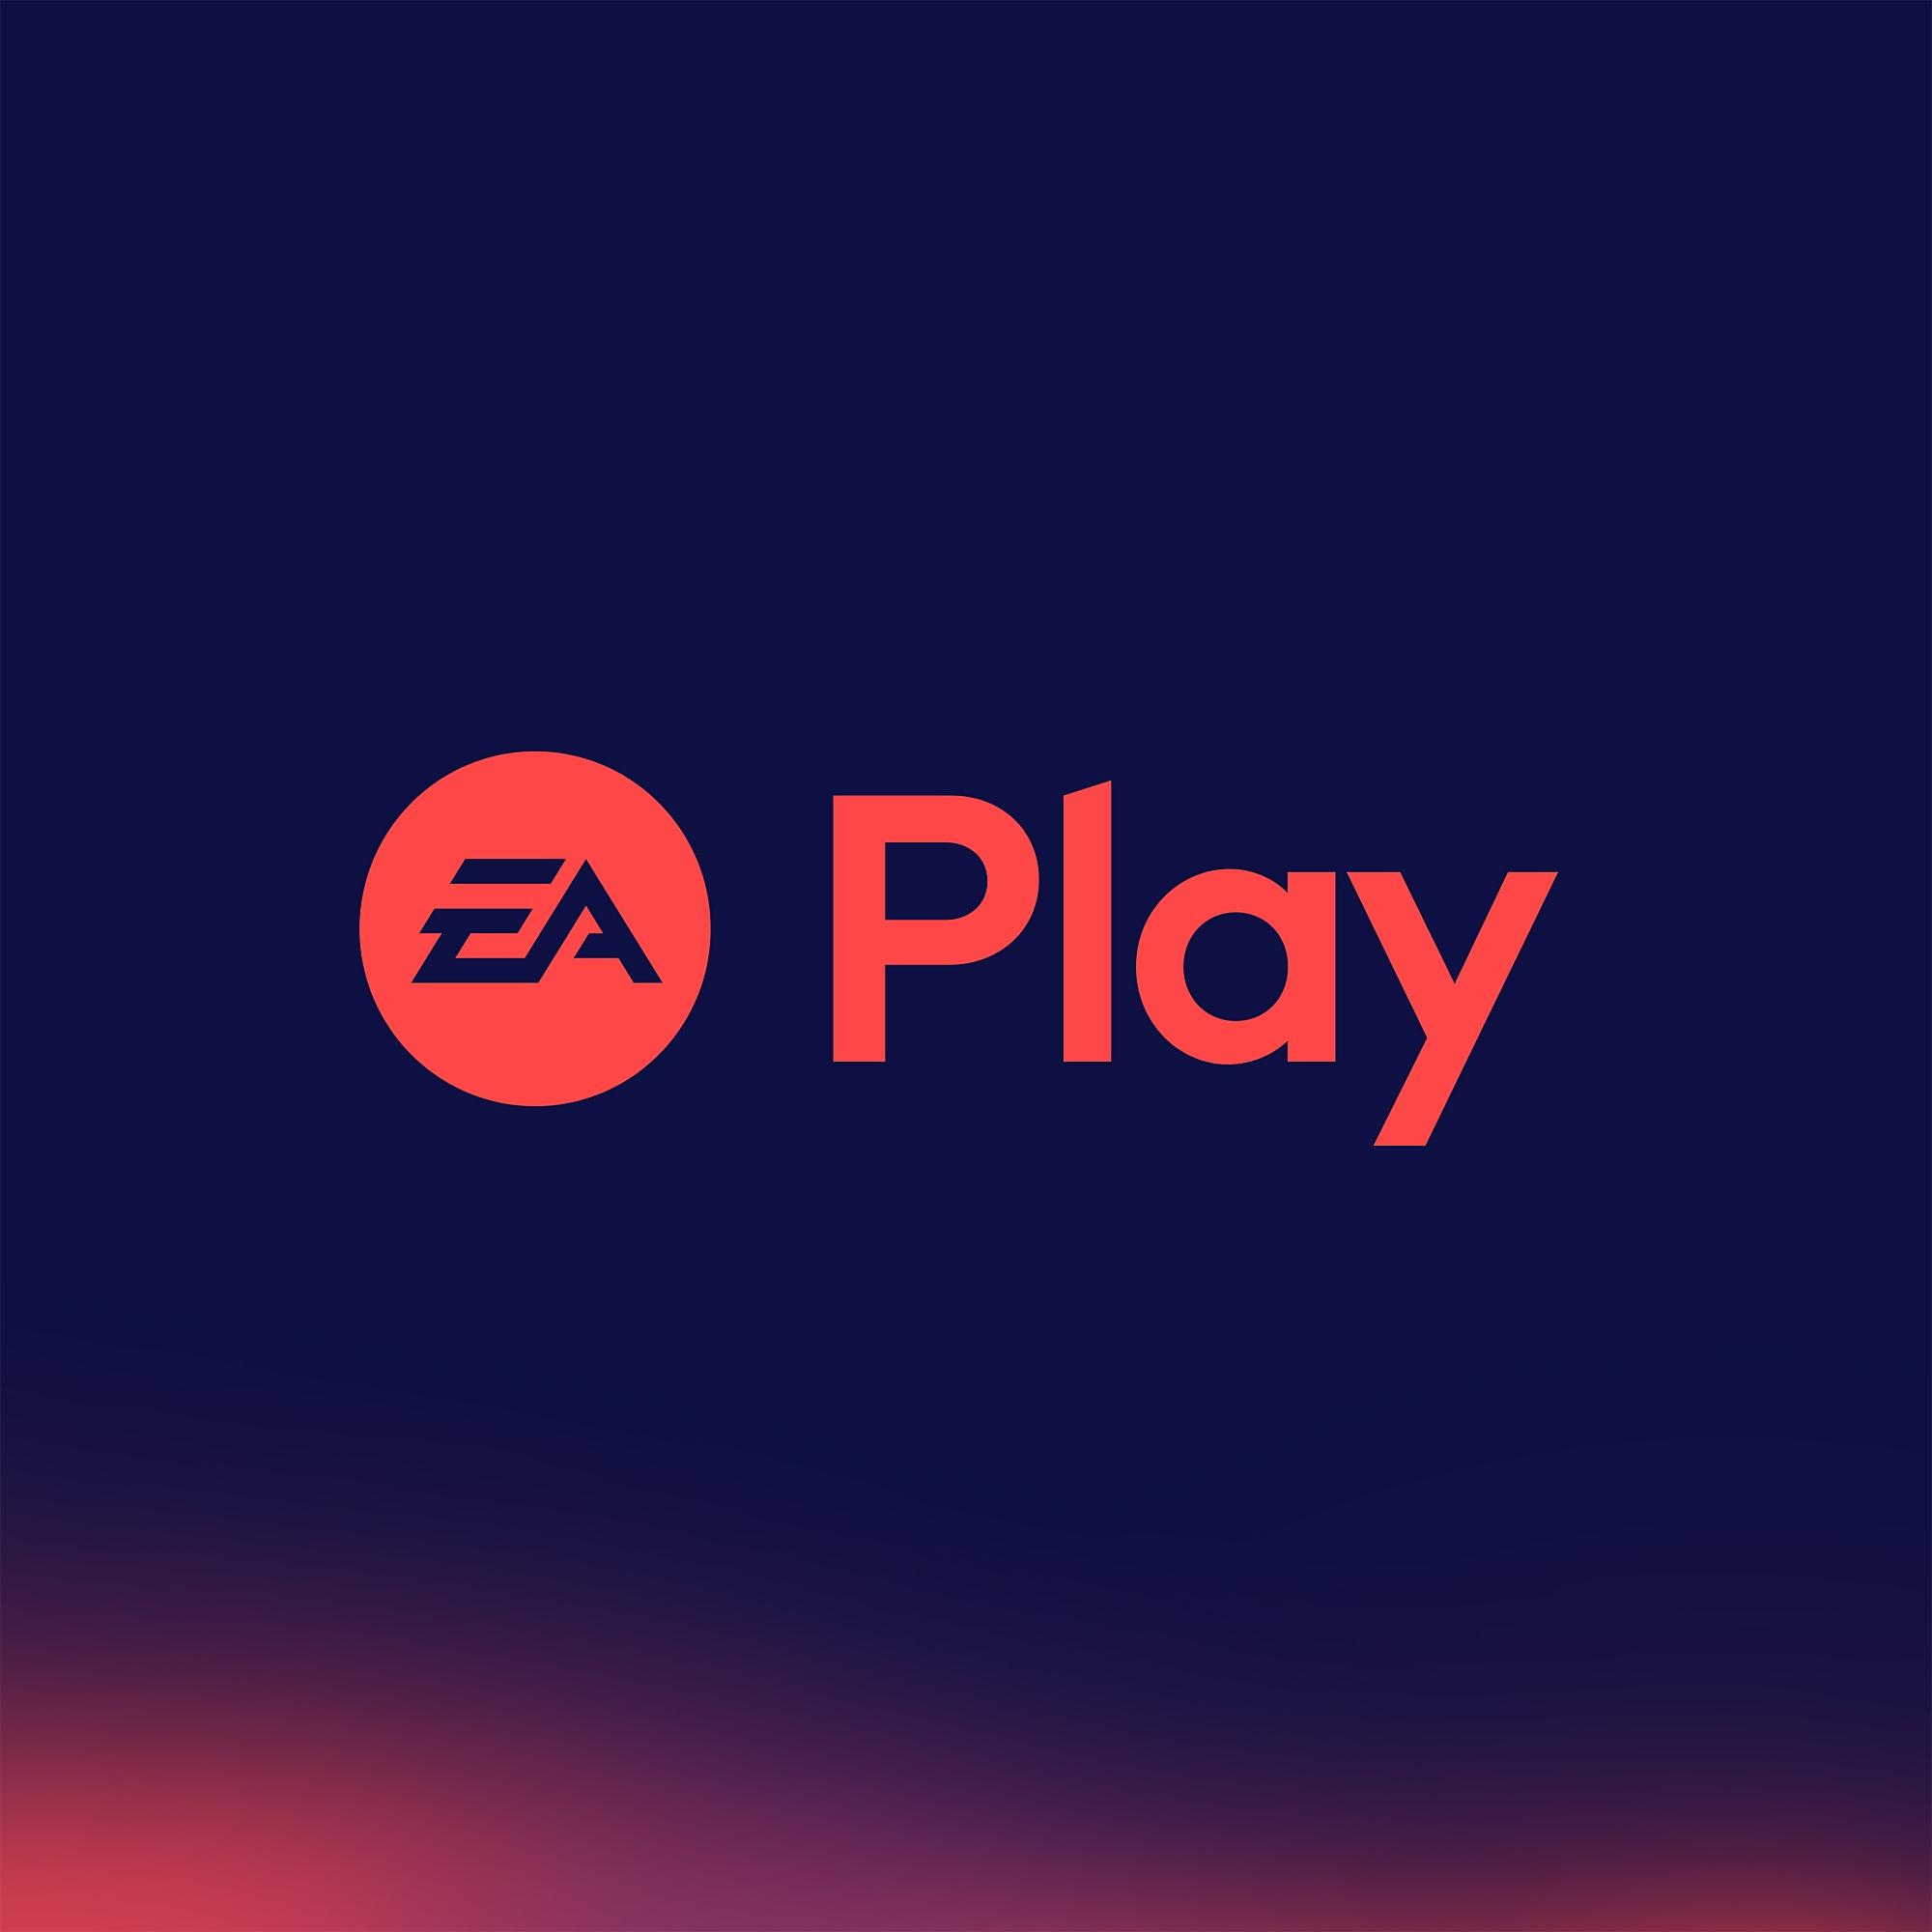 شعار EA Play